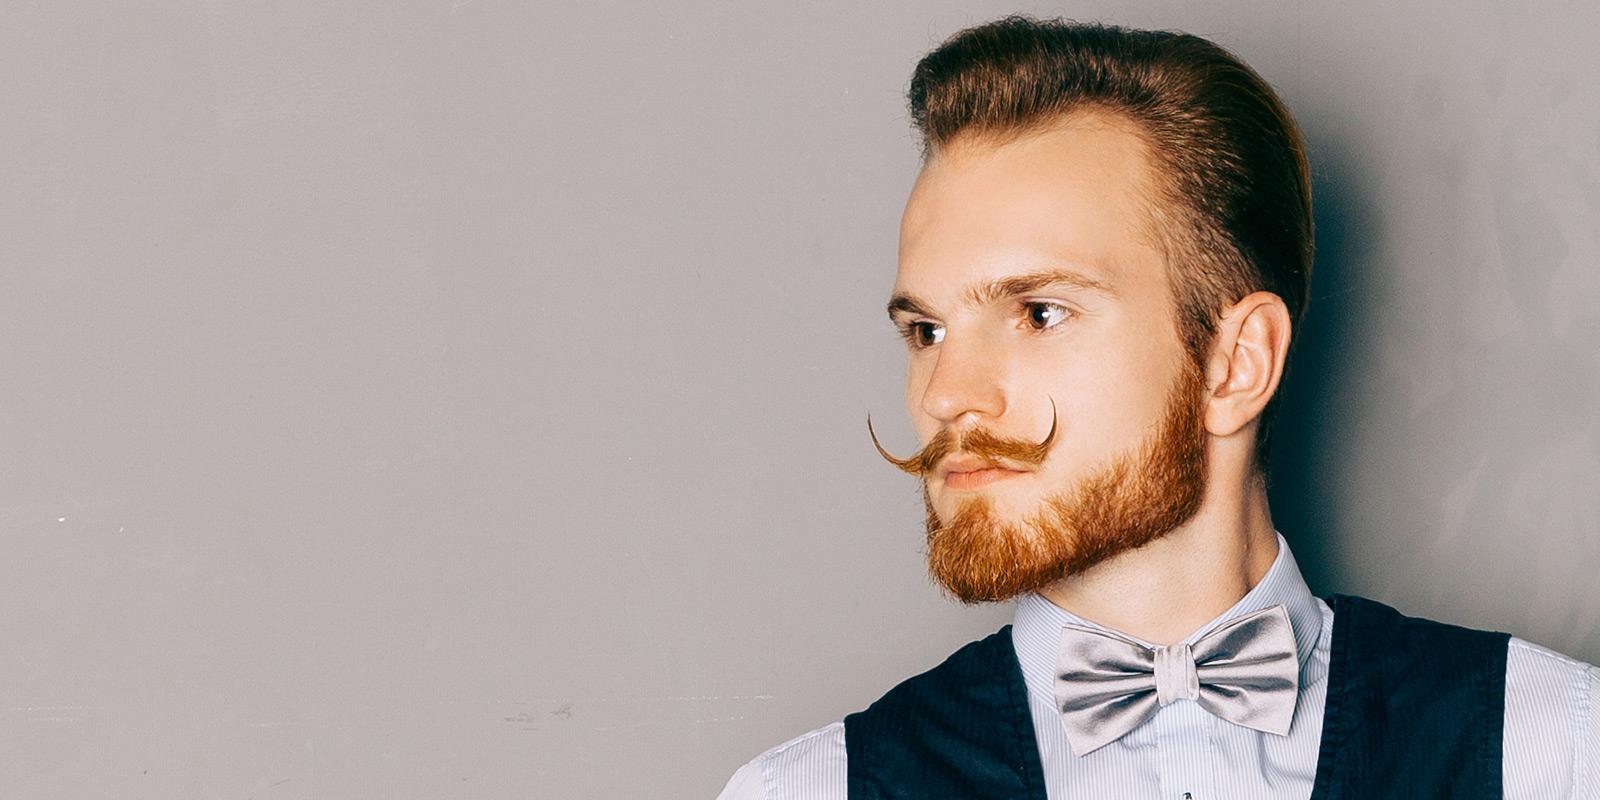 Styles images moustache Classic mustache.